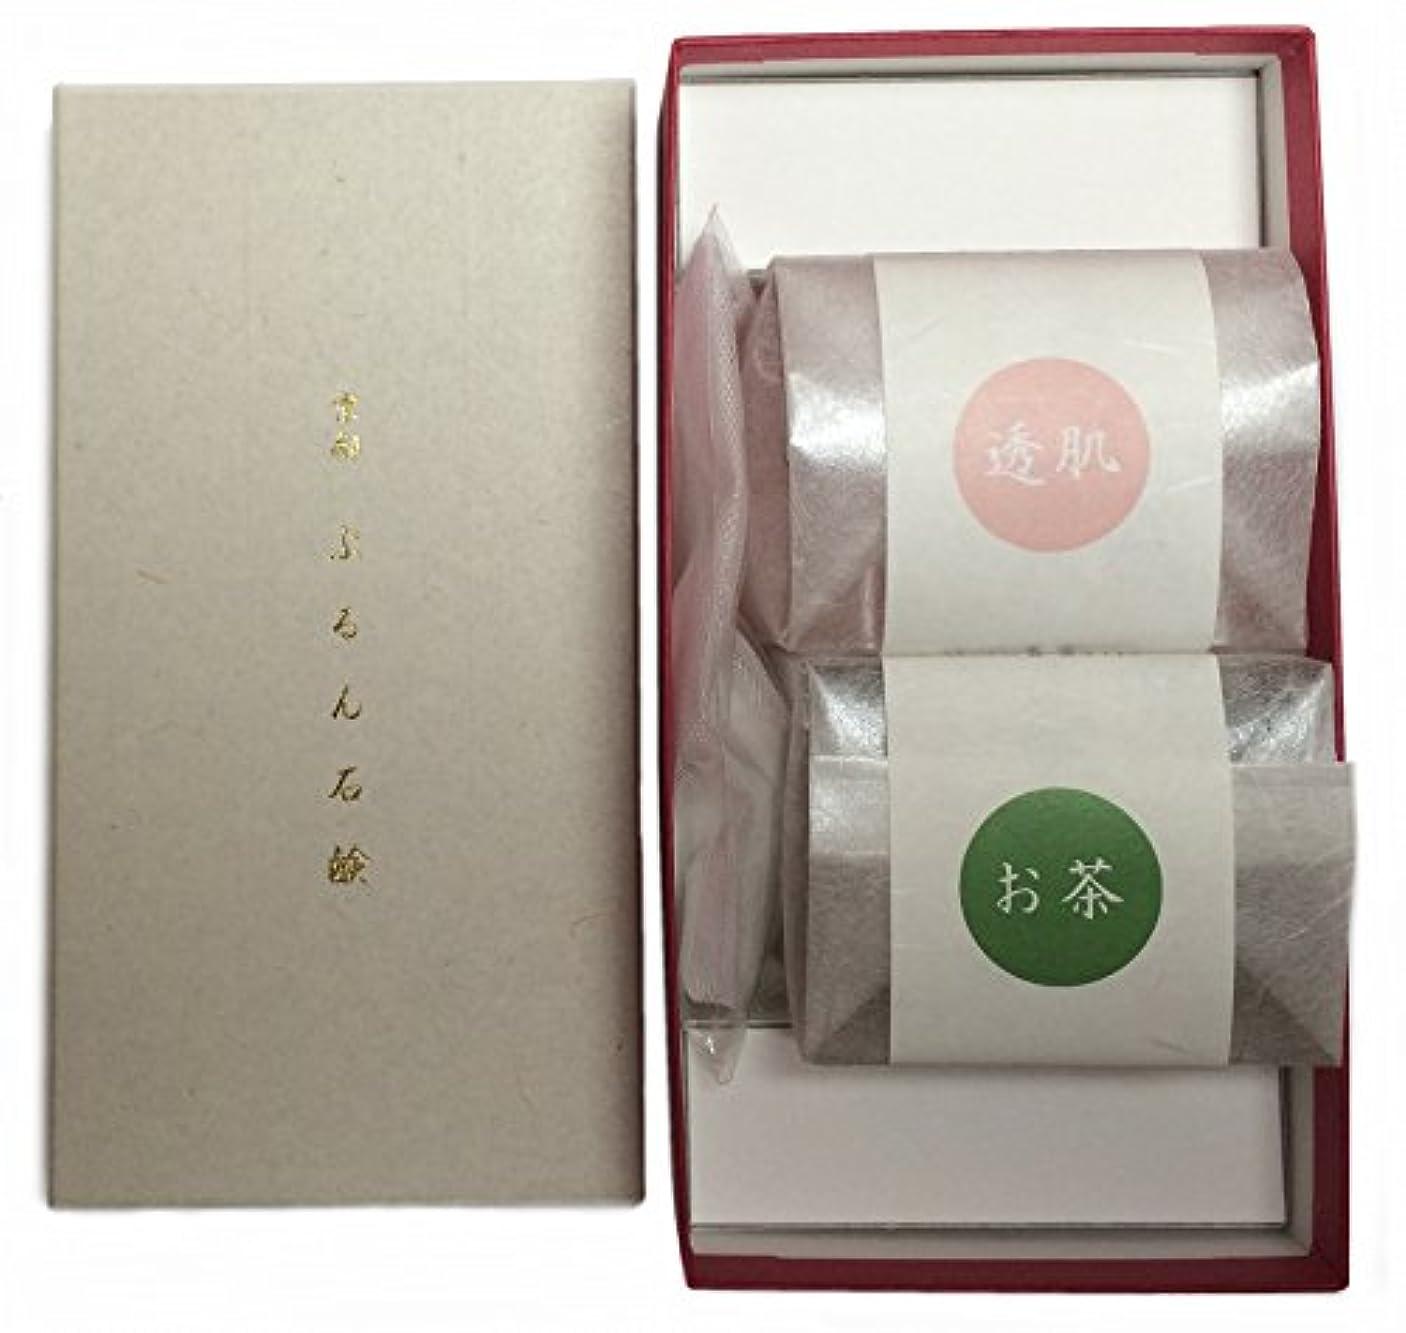 強化試用不純京都 ぷるん石鹸 ピュアソープ ヒアルロン酸 コラーゲン ギフトボックス 2種2個セット